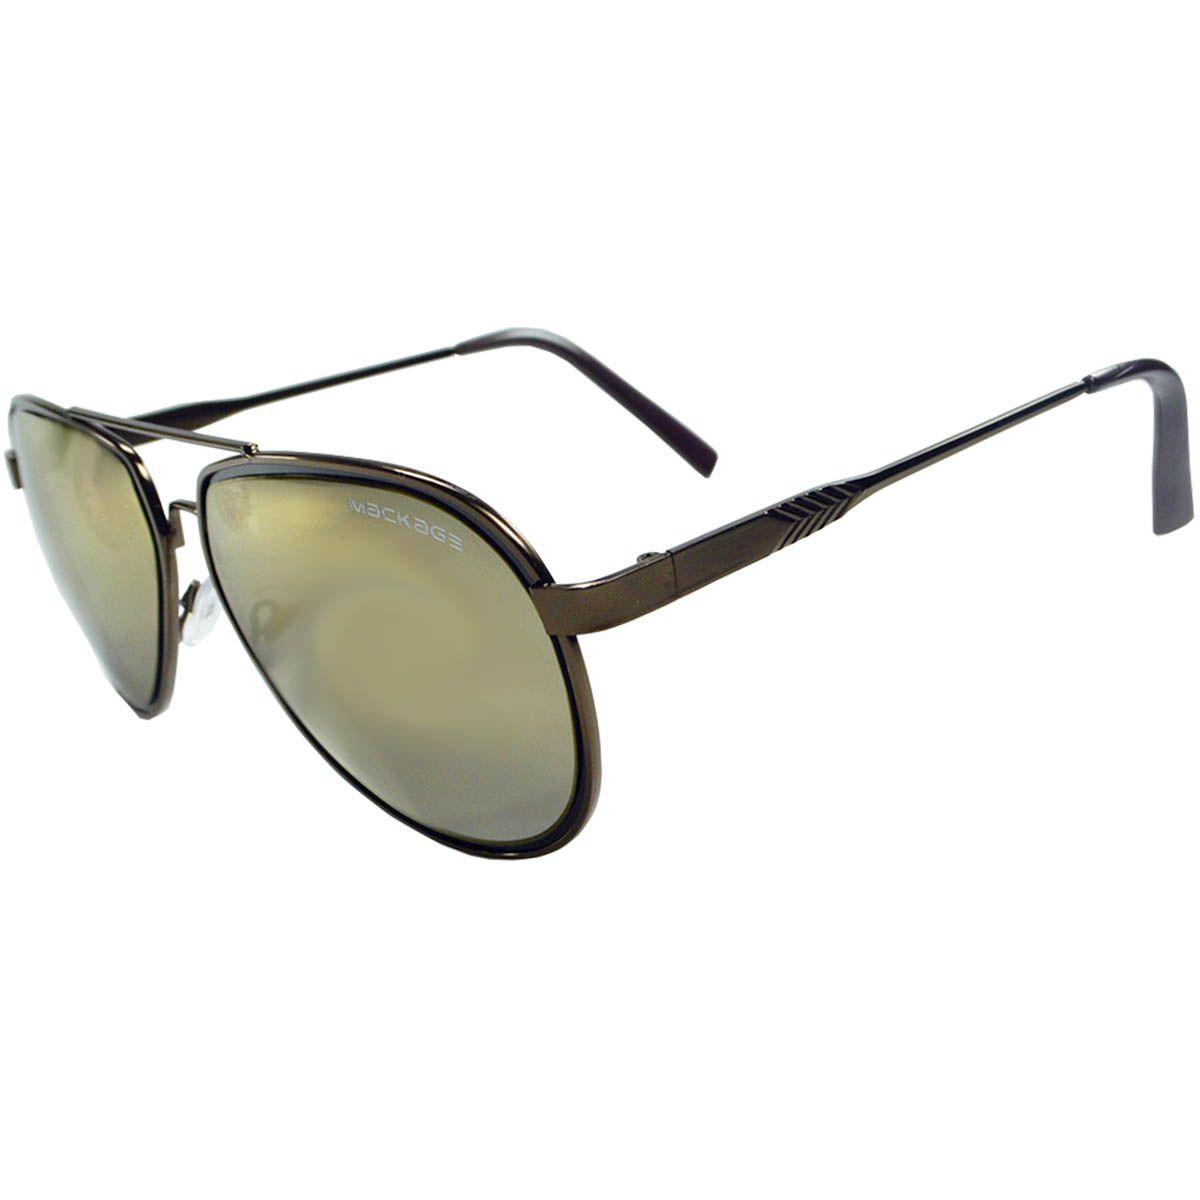 09687c9e0581d Óculos de Sol Unissex Mackage MK2971M Marrom